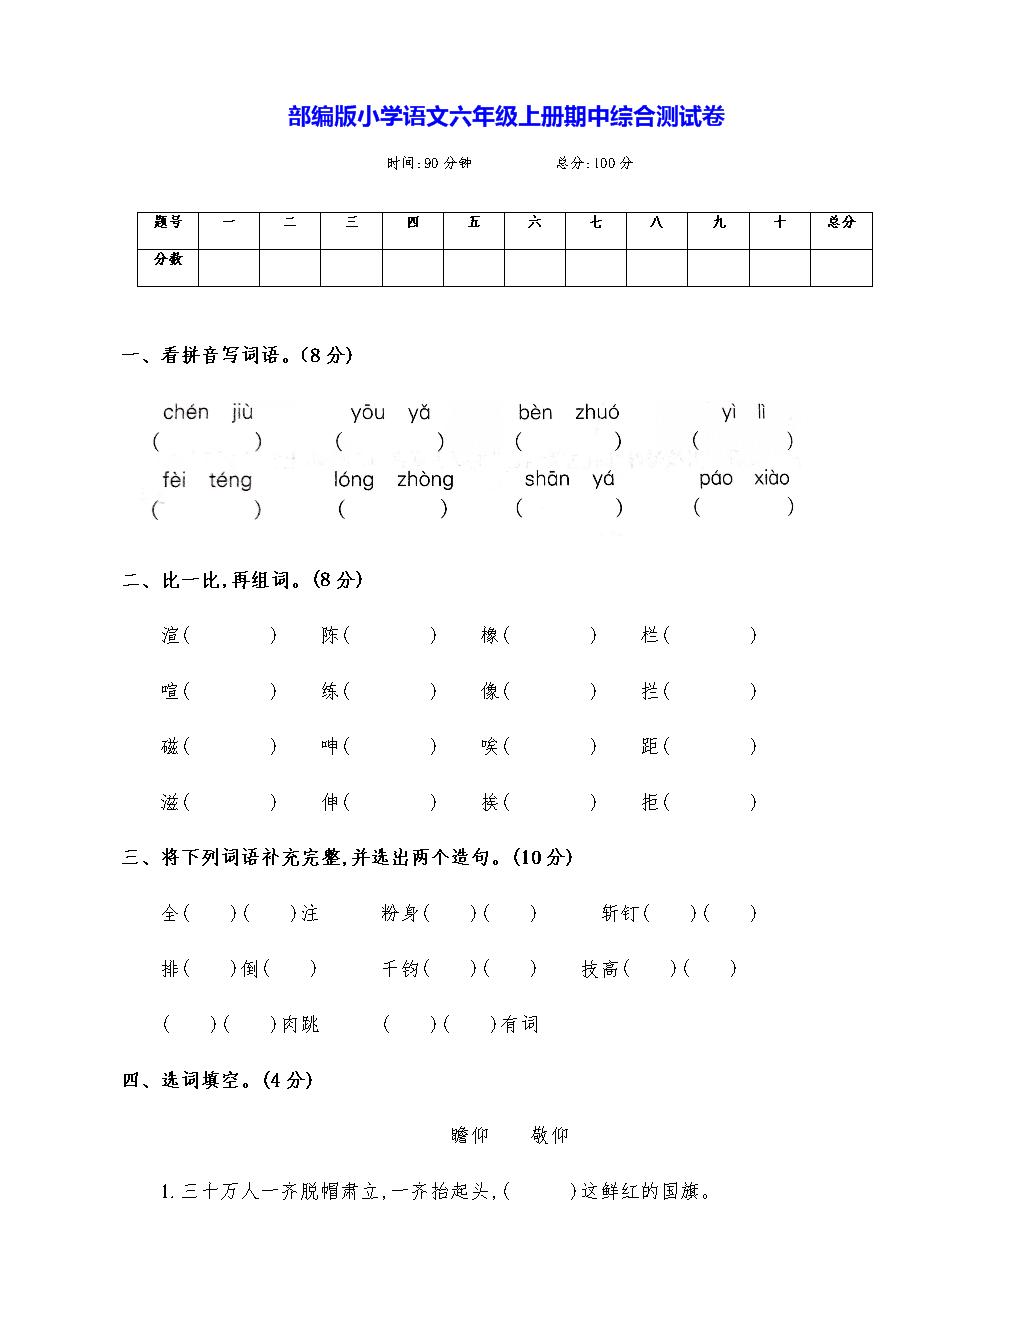 最新部编版六年级语文上册期中综合检测试卷(附答案).docx